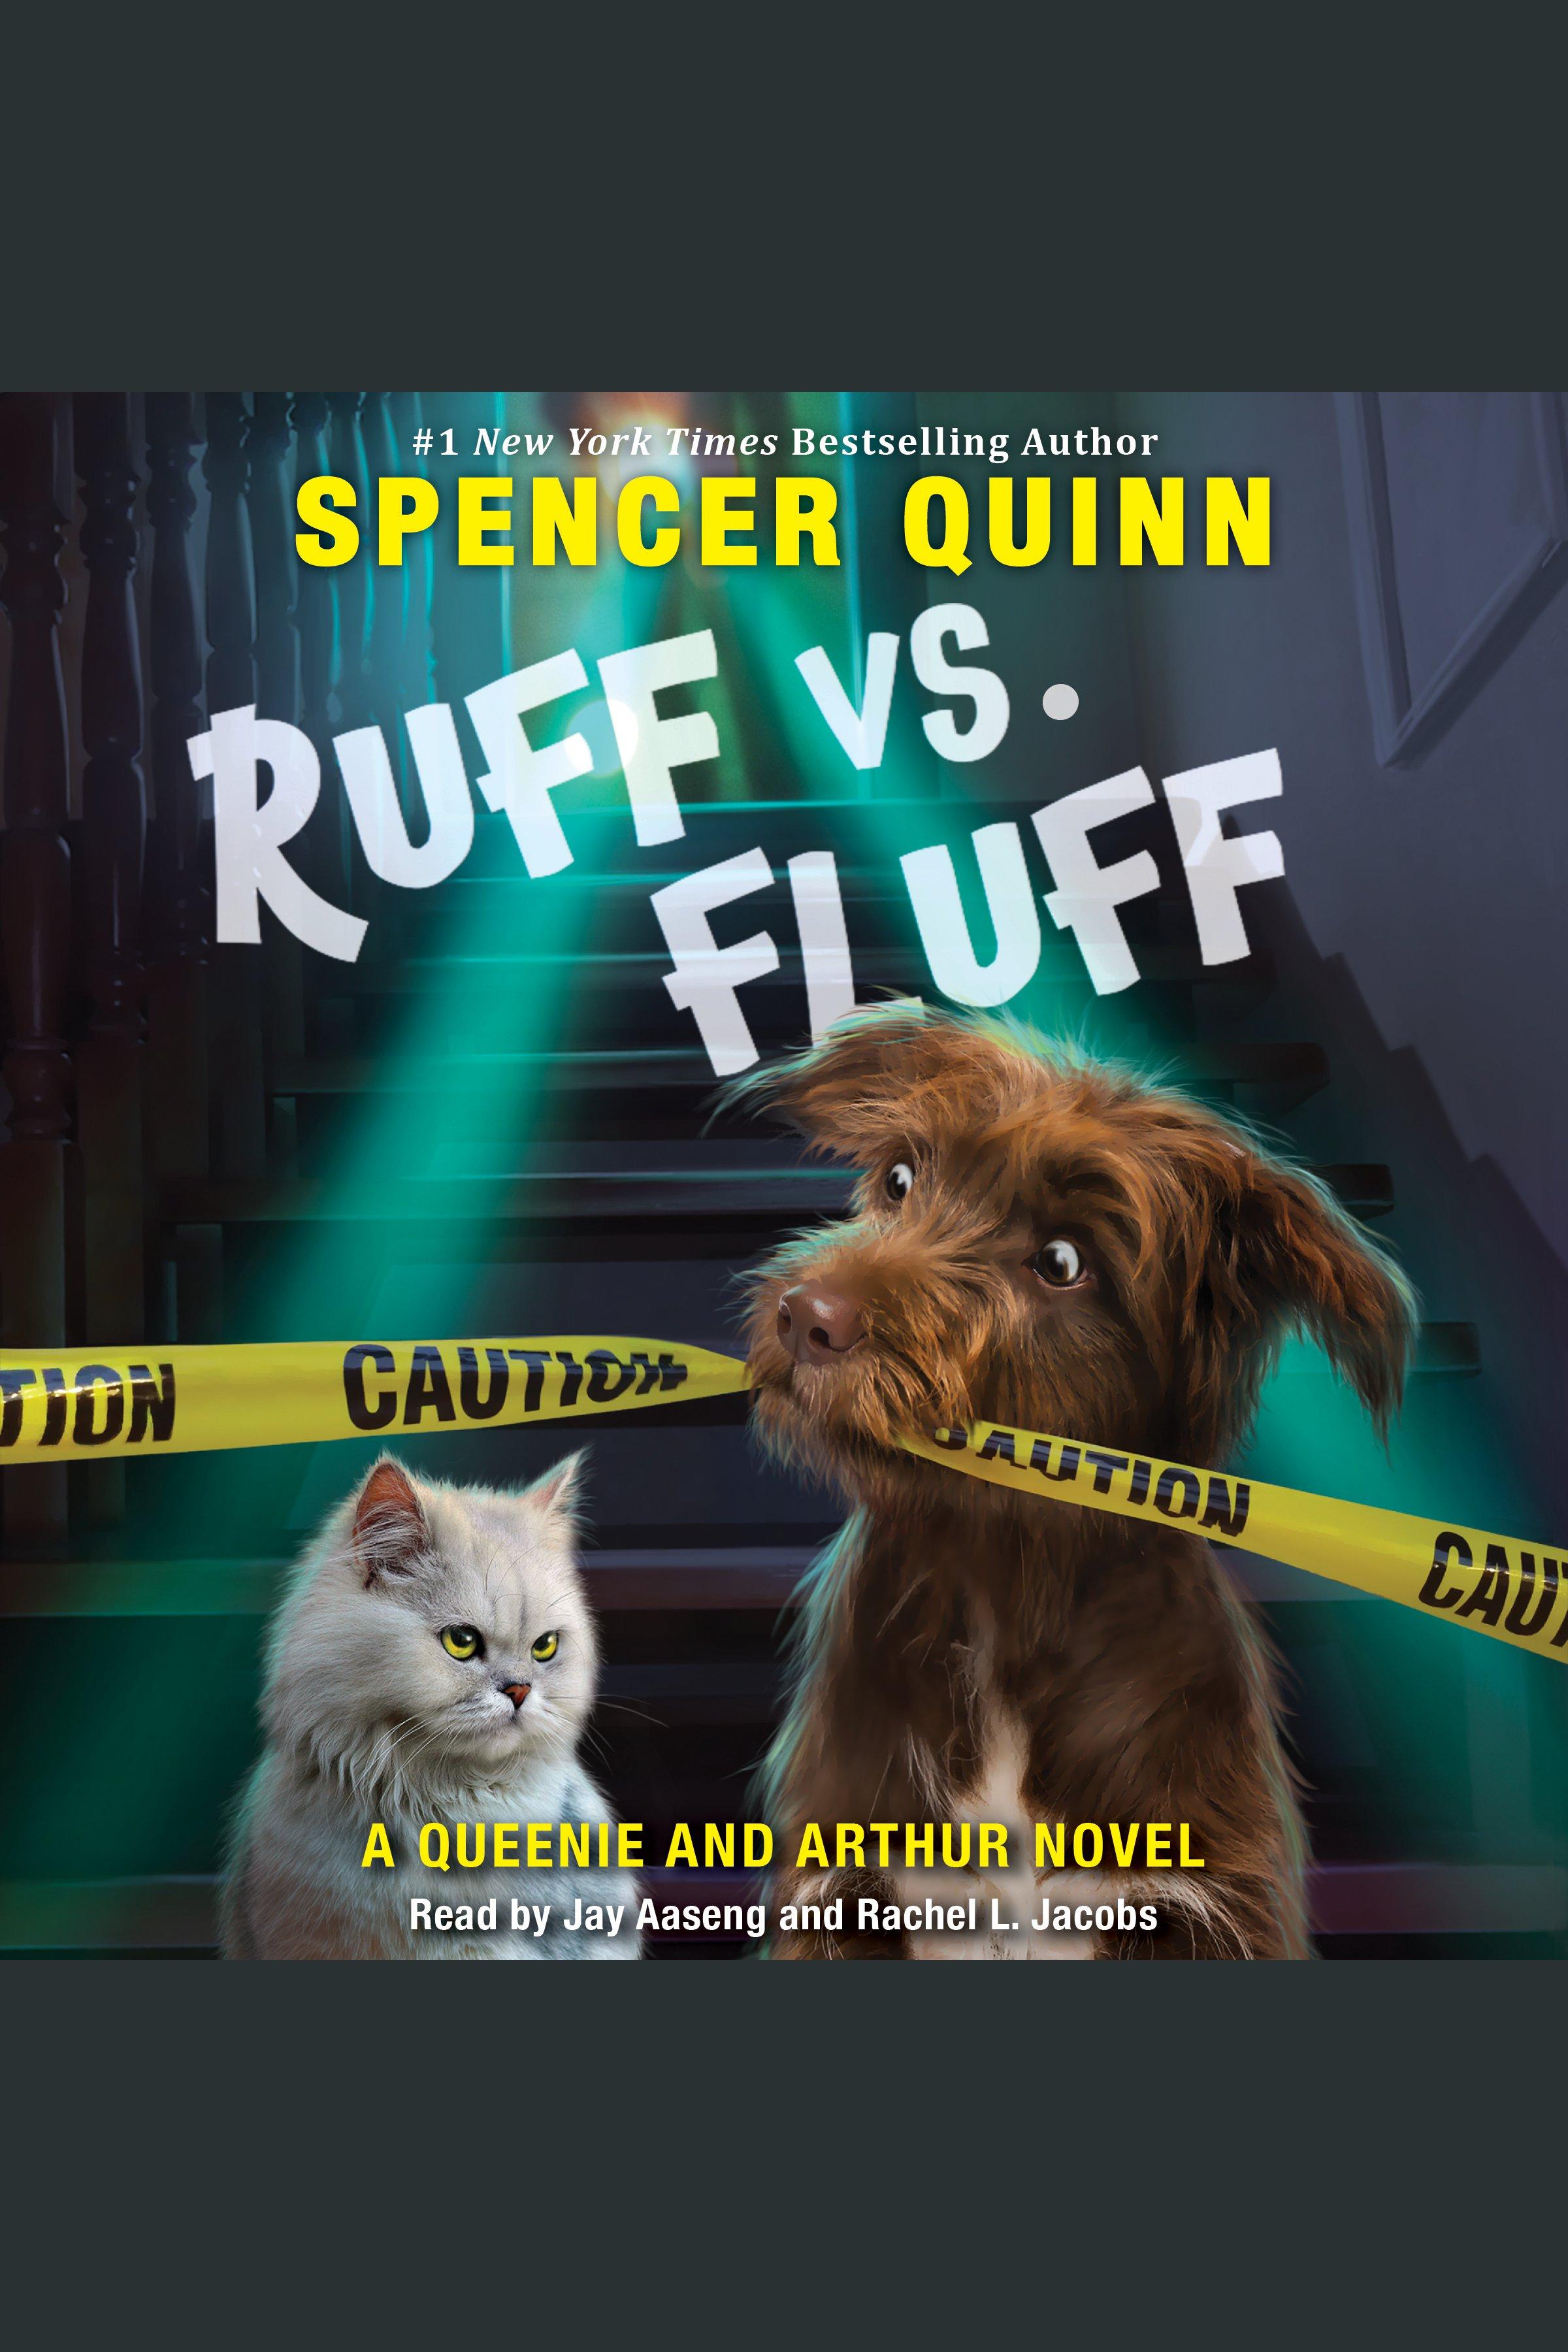 Ruff vs. fluff cover image